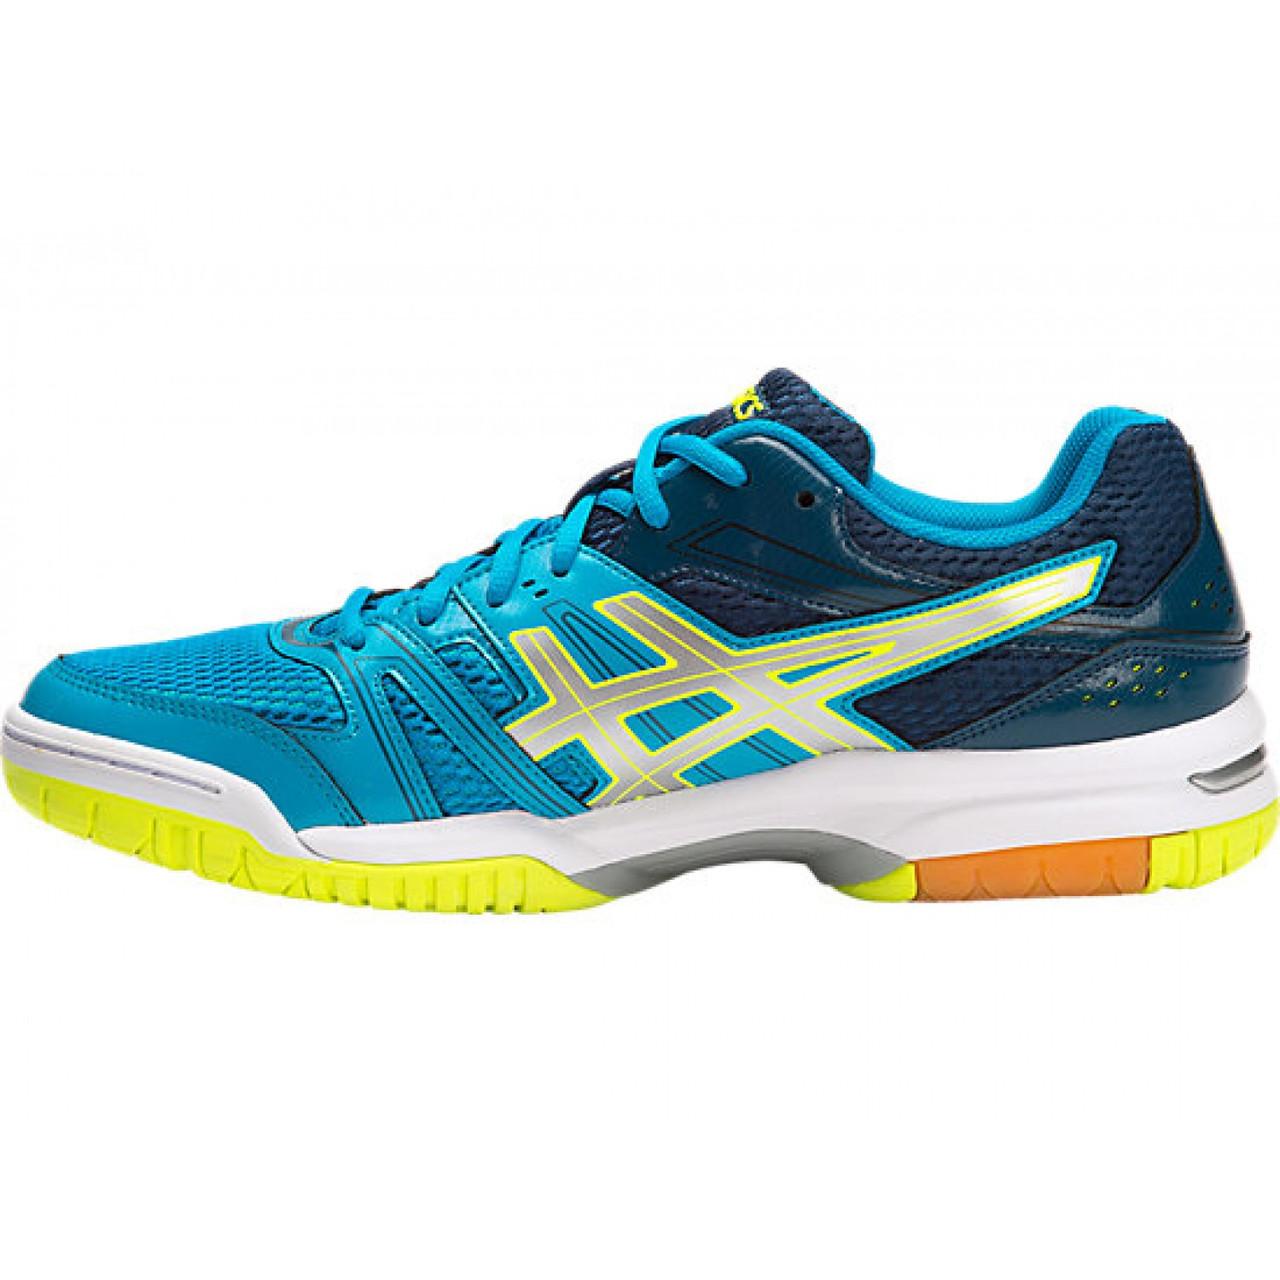 ff5a4cd6a097d6 Волейбольные кроссовки ASICS GEL-ROCKET 7 (B405N-4396): продажа ...